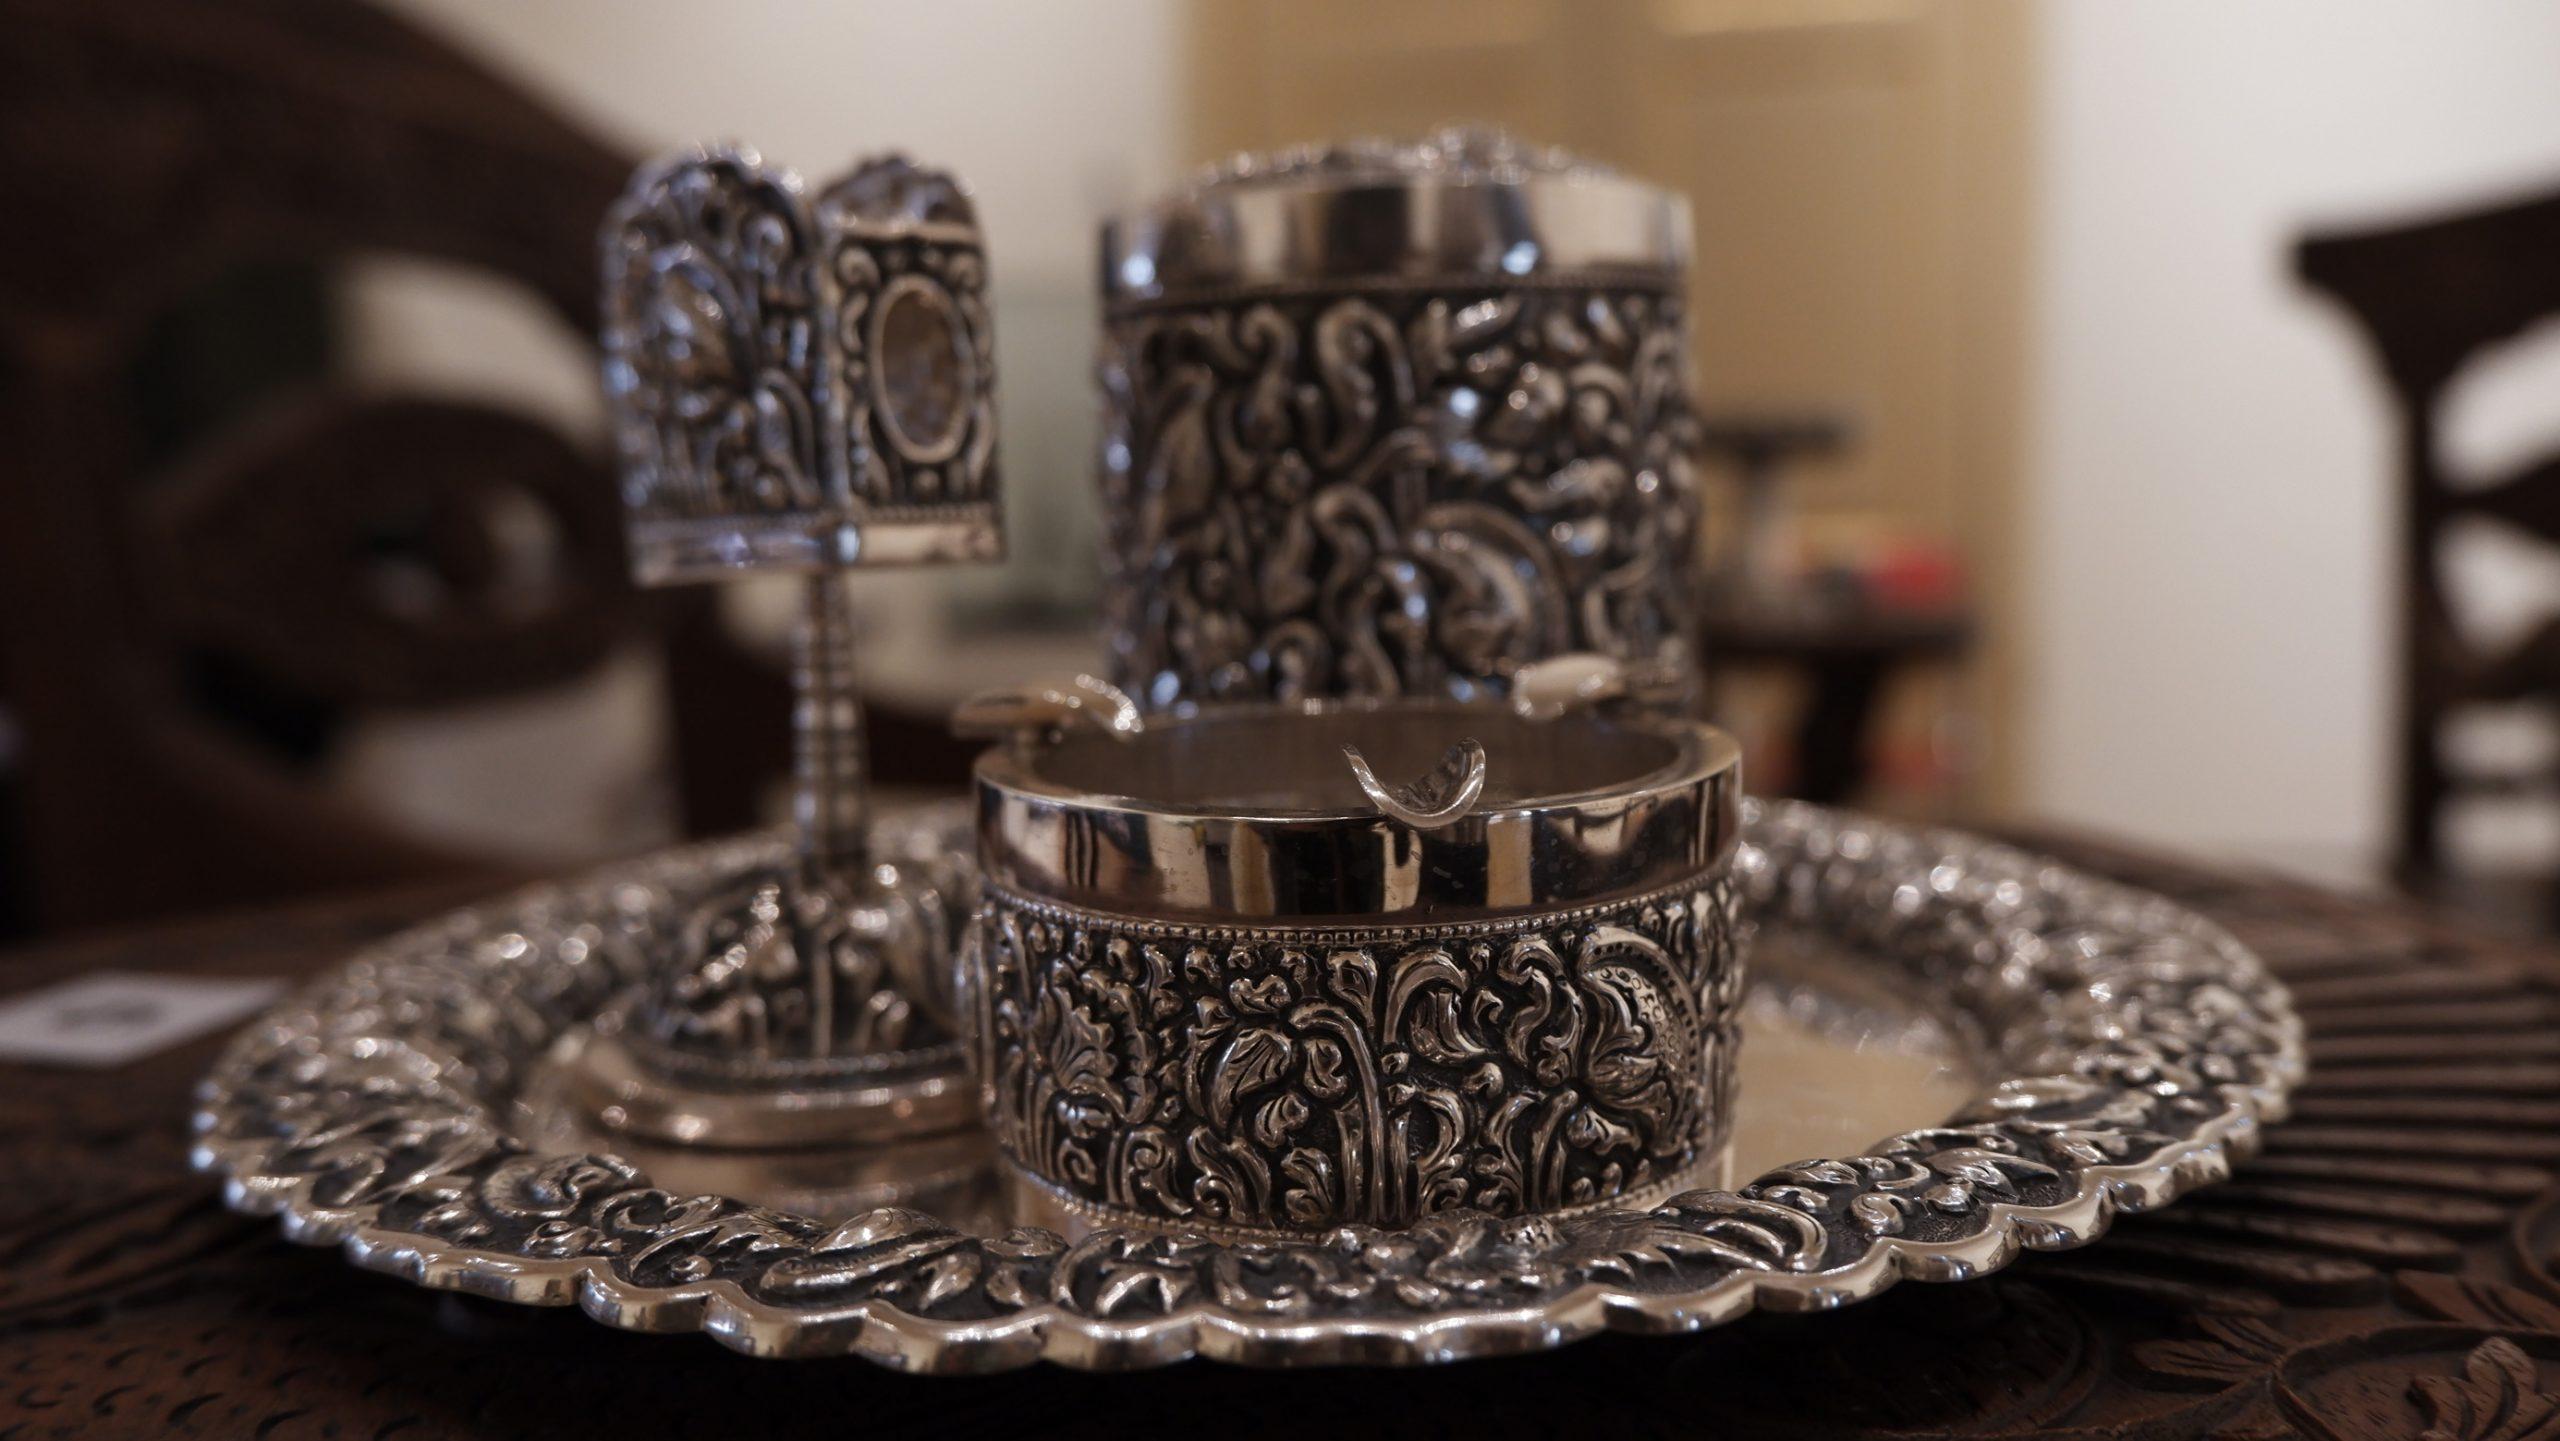 Pameran Rajata: Perak dan Kisah di antaranya ©Museum Sonobudoyo